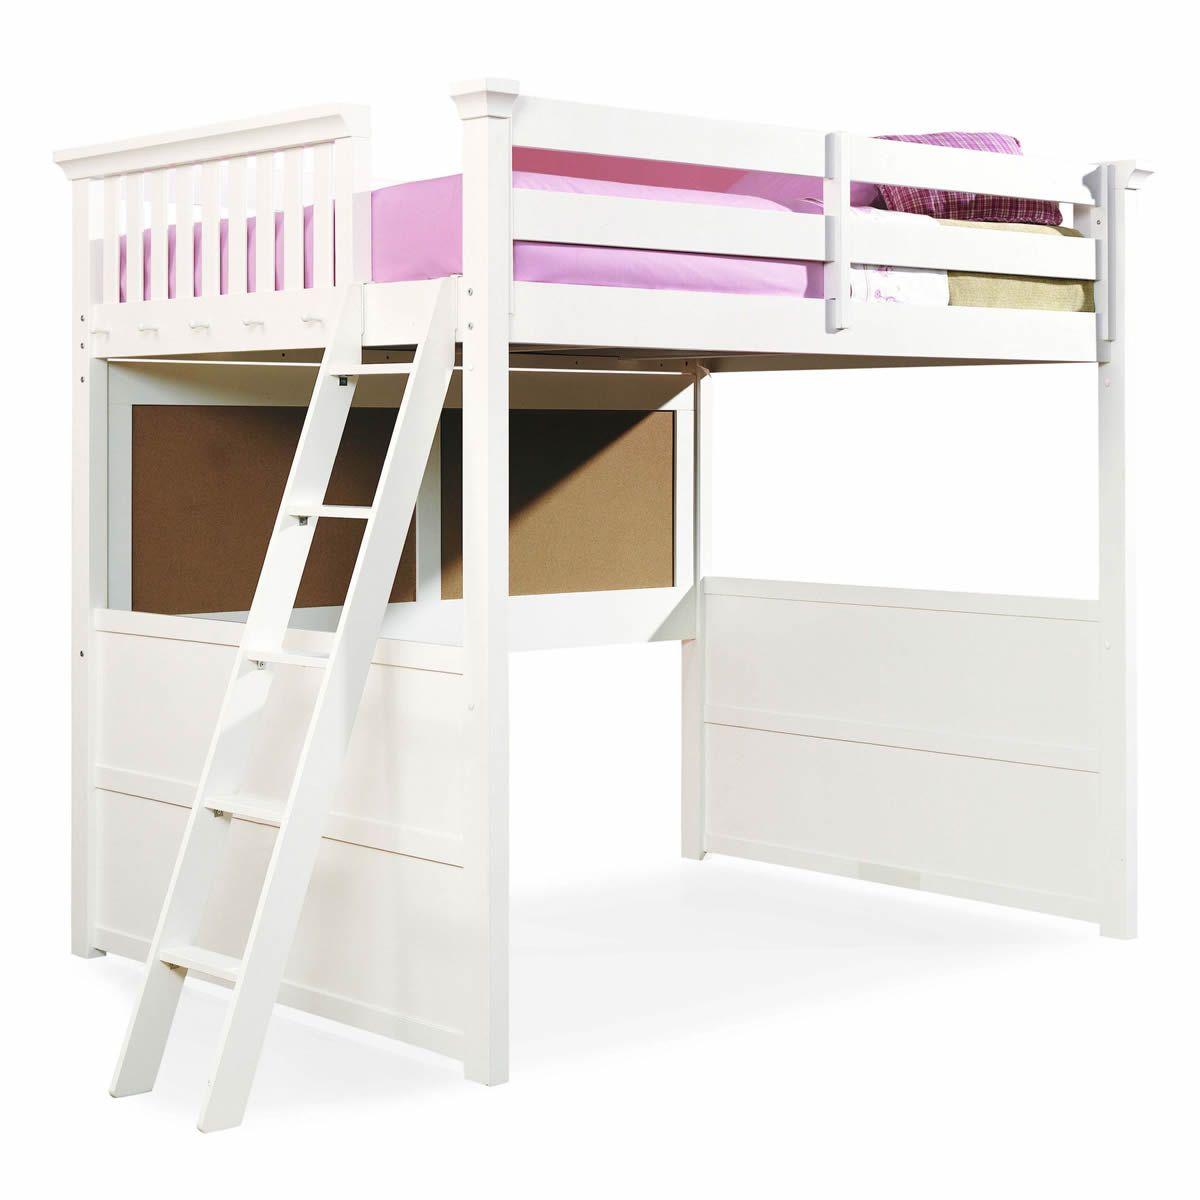 Full Loft Bed Plans Full Size Loft Beds For Girls